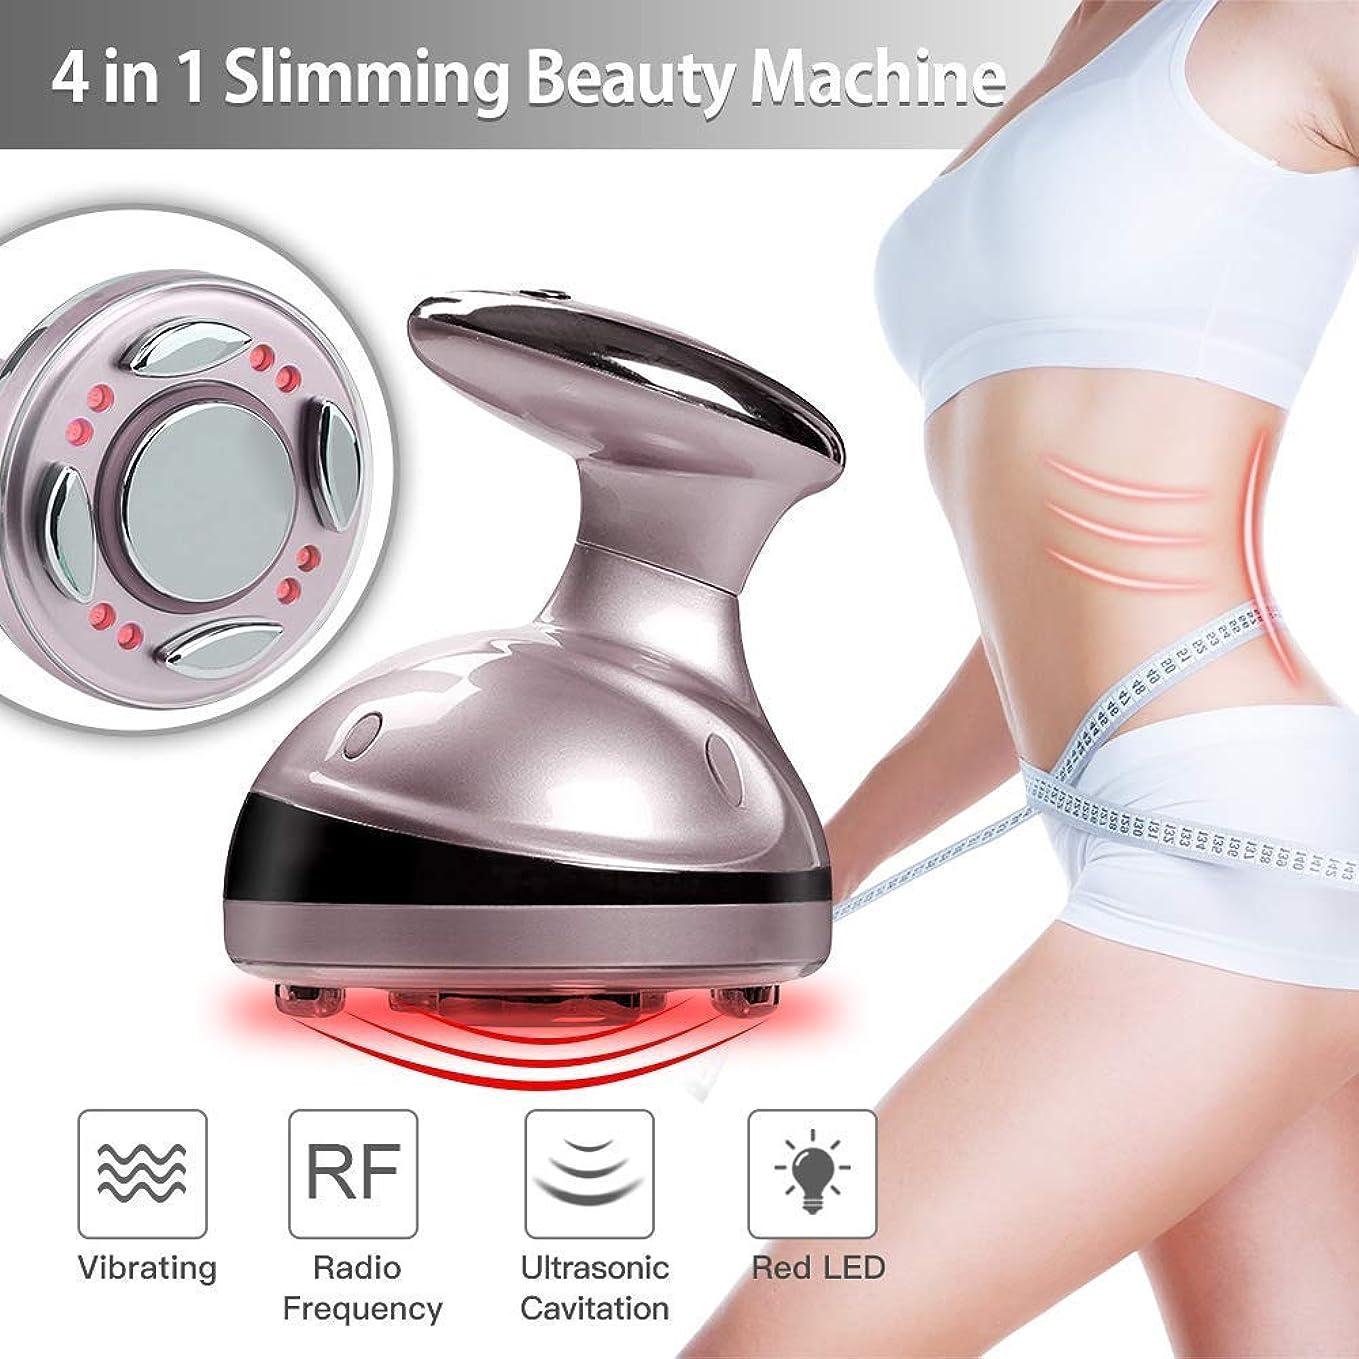 スコットランド人負発見4 in 1 美容マシン/RF無線周波数/熱振動マッサージ,スキンケア脂肪除去体スリム減量 女性男性用